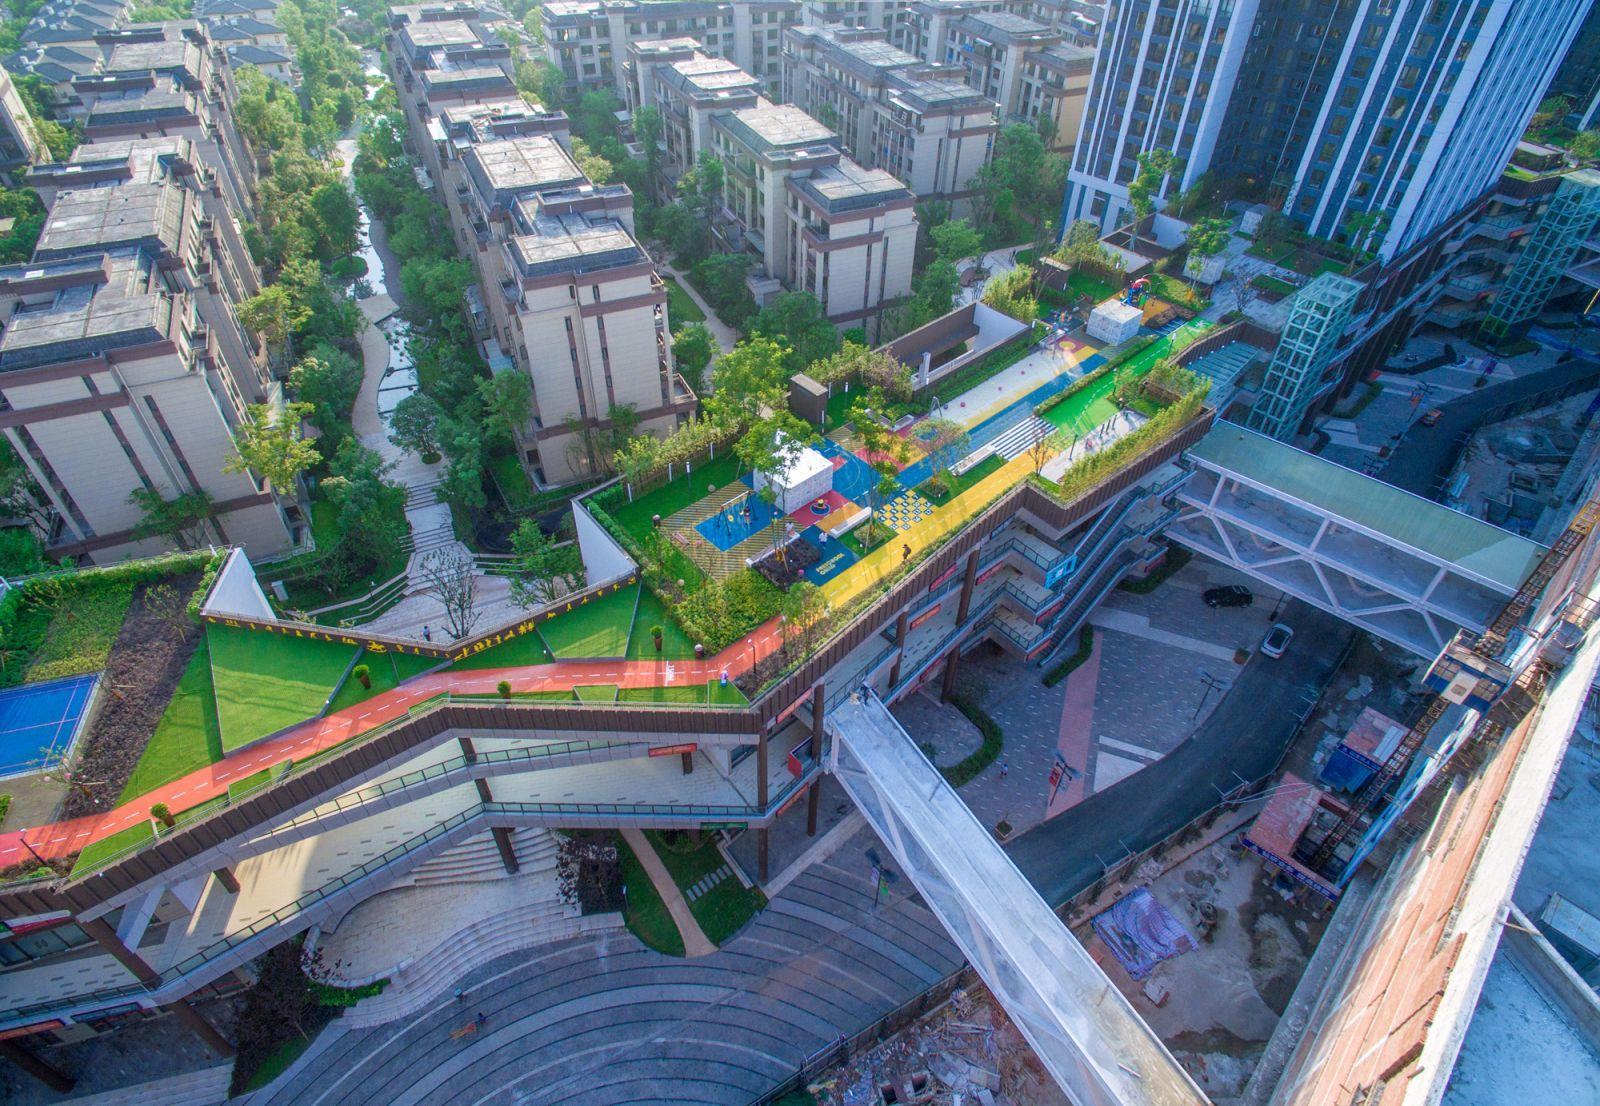 2016新世纪娱乐专业奖参赛项目:龙湖U城天街屋顶花园